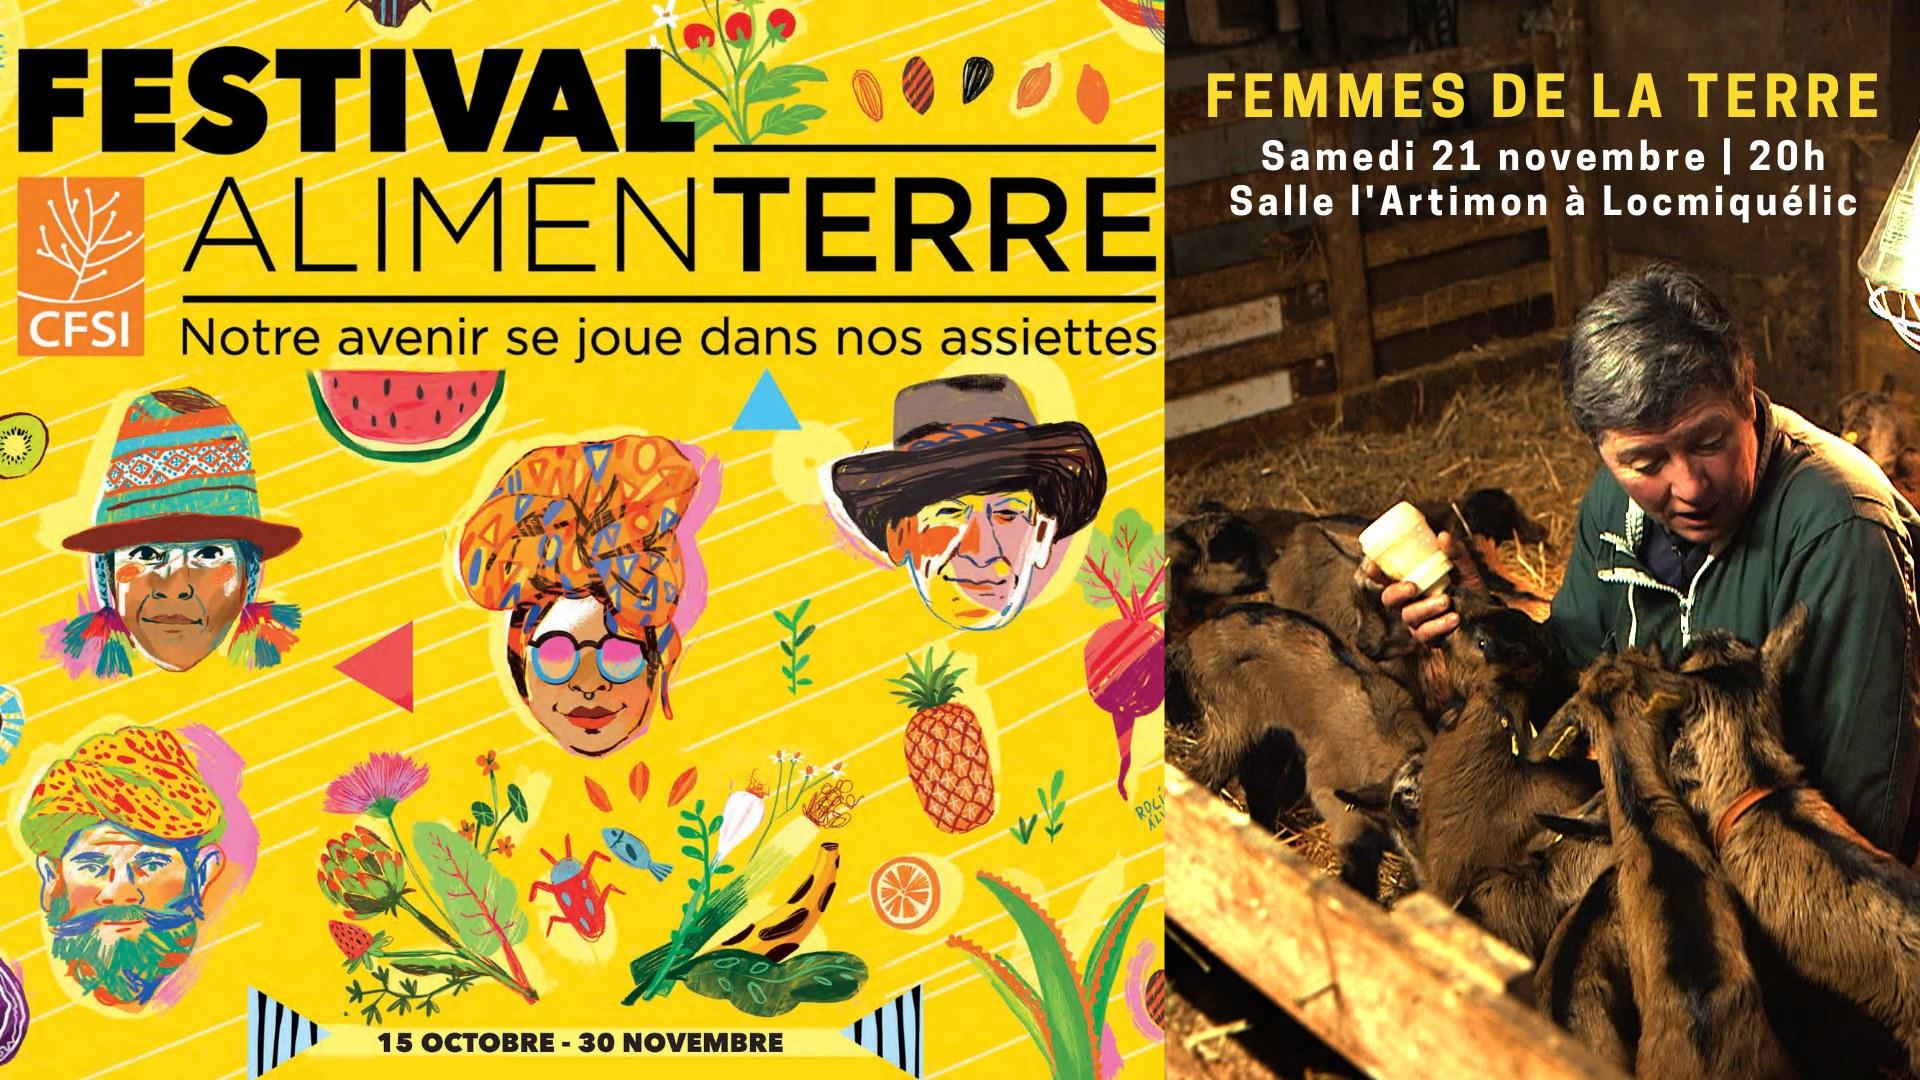 Festival Alimenterre - Projection-débat / Femmes de la Terre